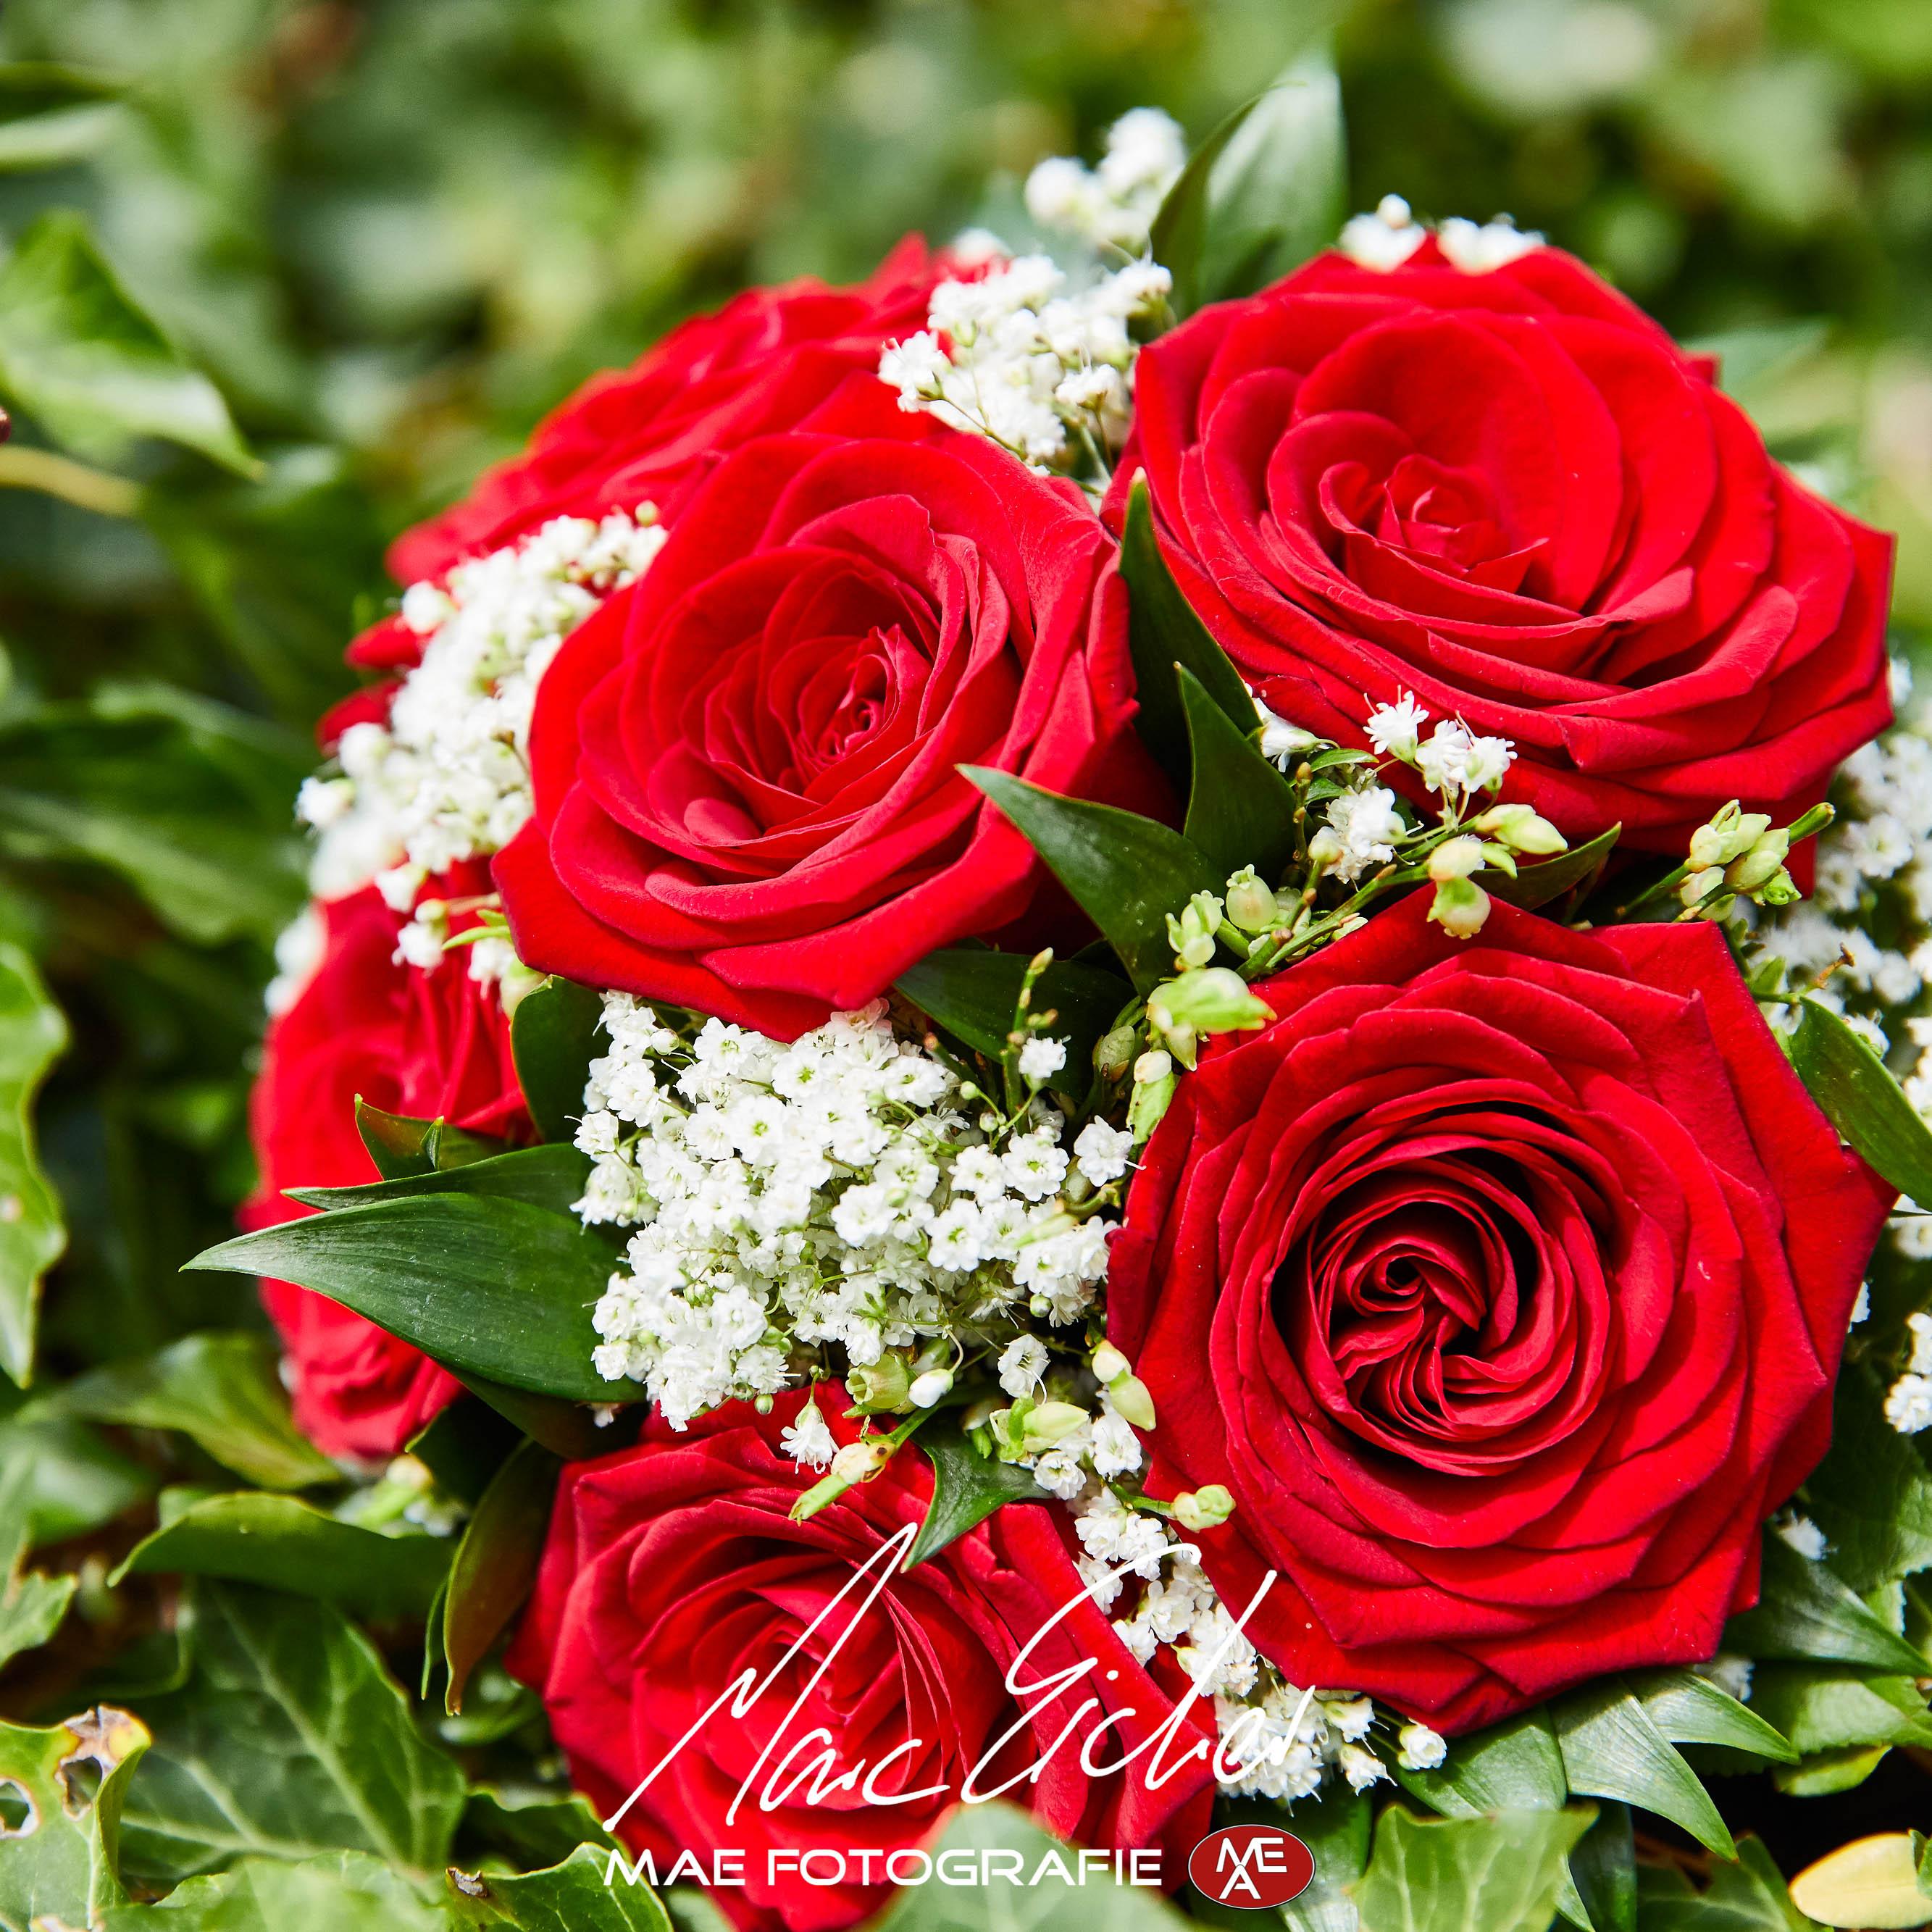 Hochzeitsfotografie_MAE-PIC-10.jpg